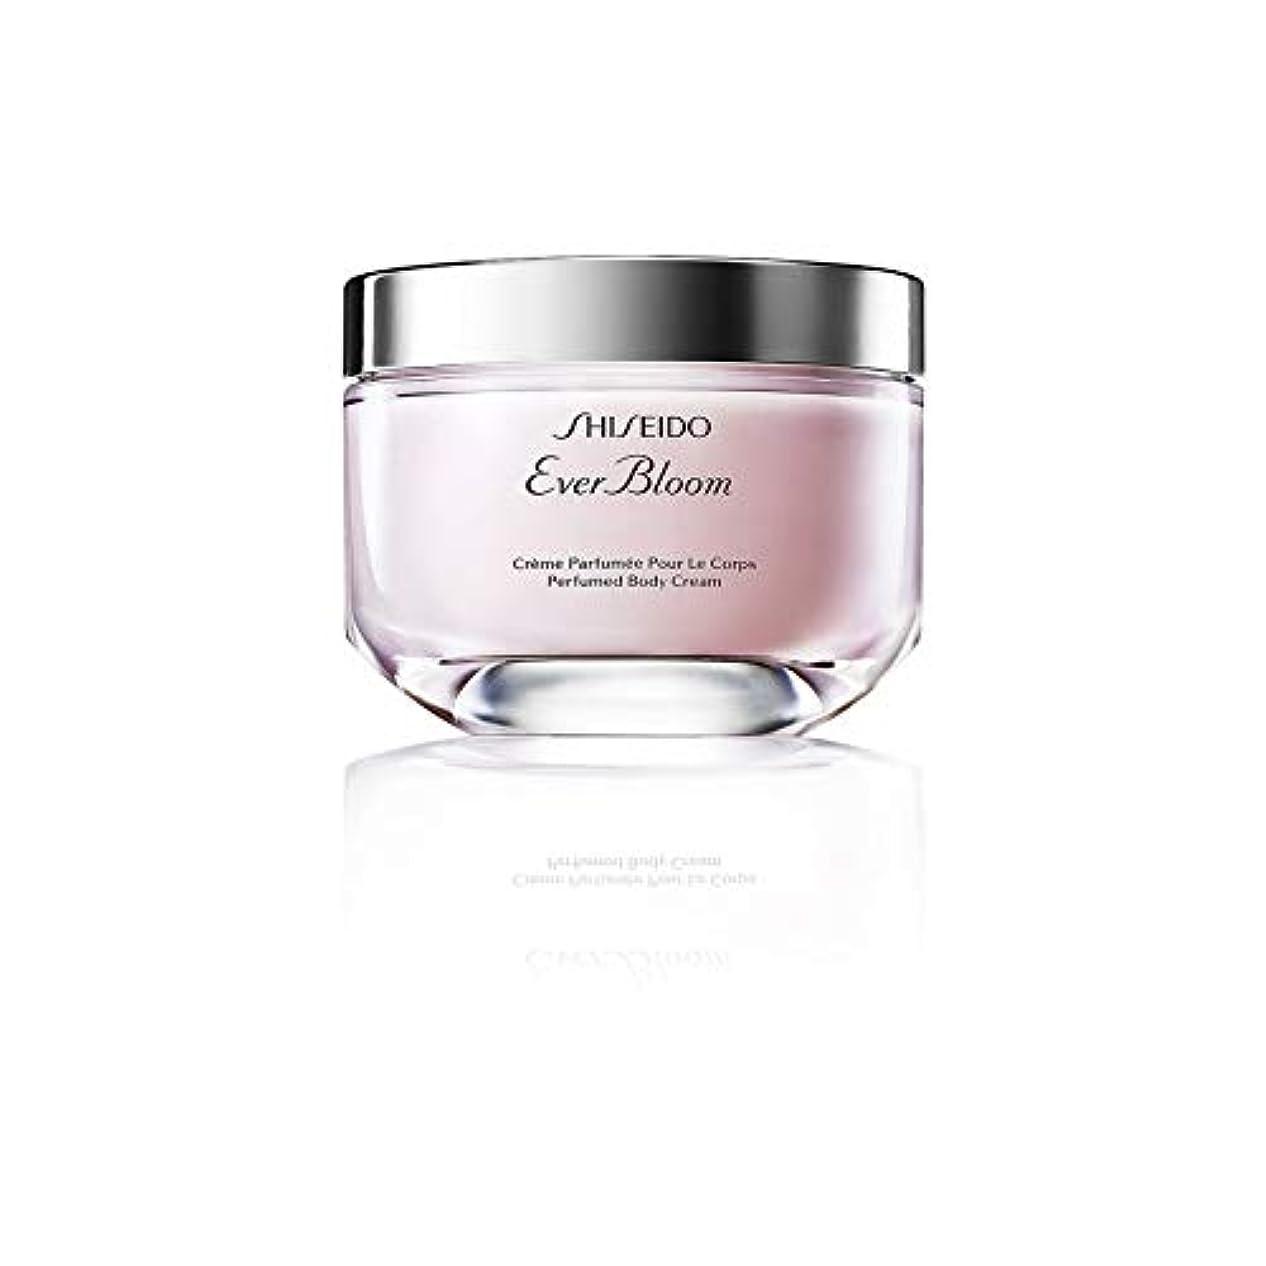 認める摂氏度ムスタチオ[Shiseido] 資生堂これまでブルームボディクリーム(30ミリリットル) - Shiseido Ever Bloom Body Cream (30ml) [並行輸入品]